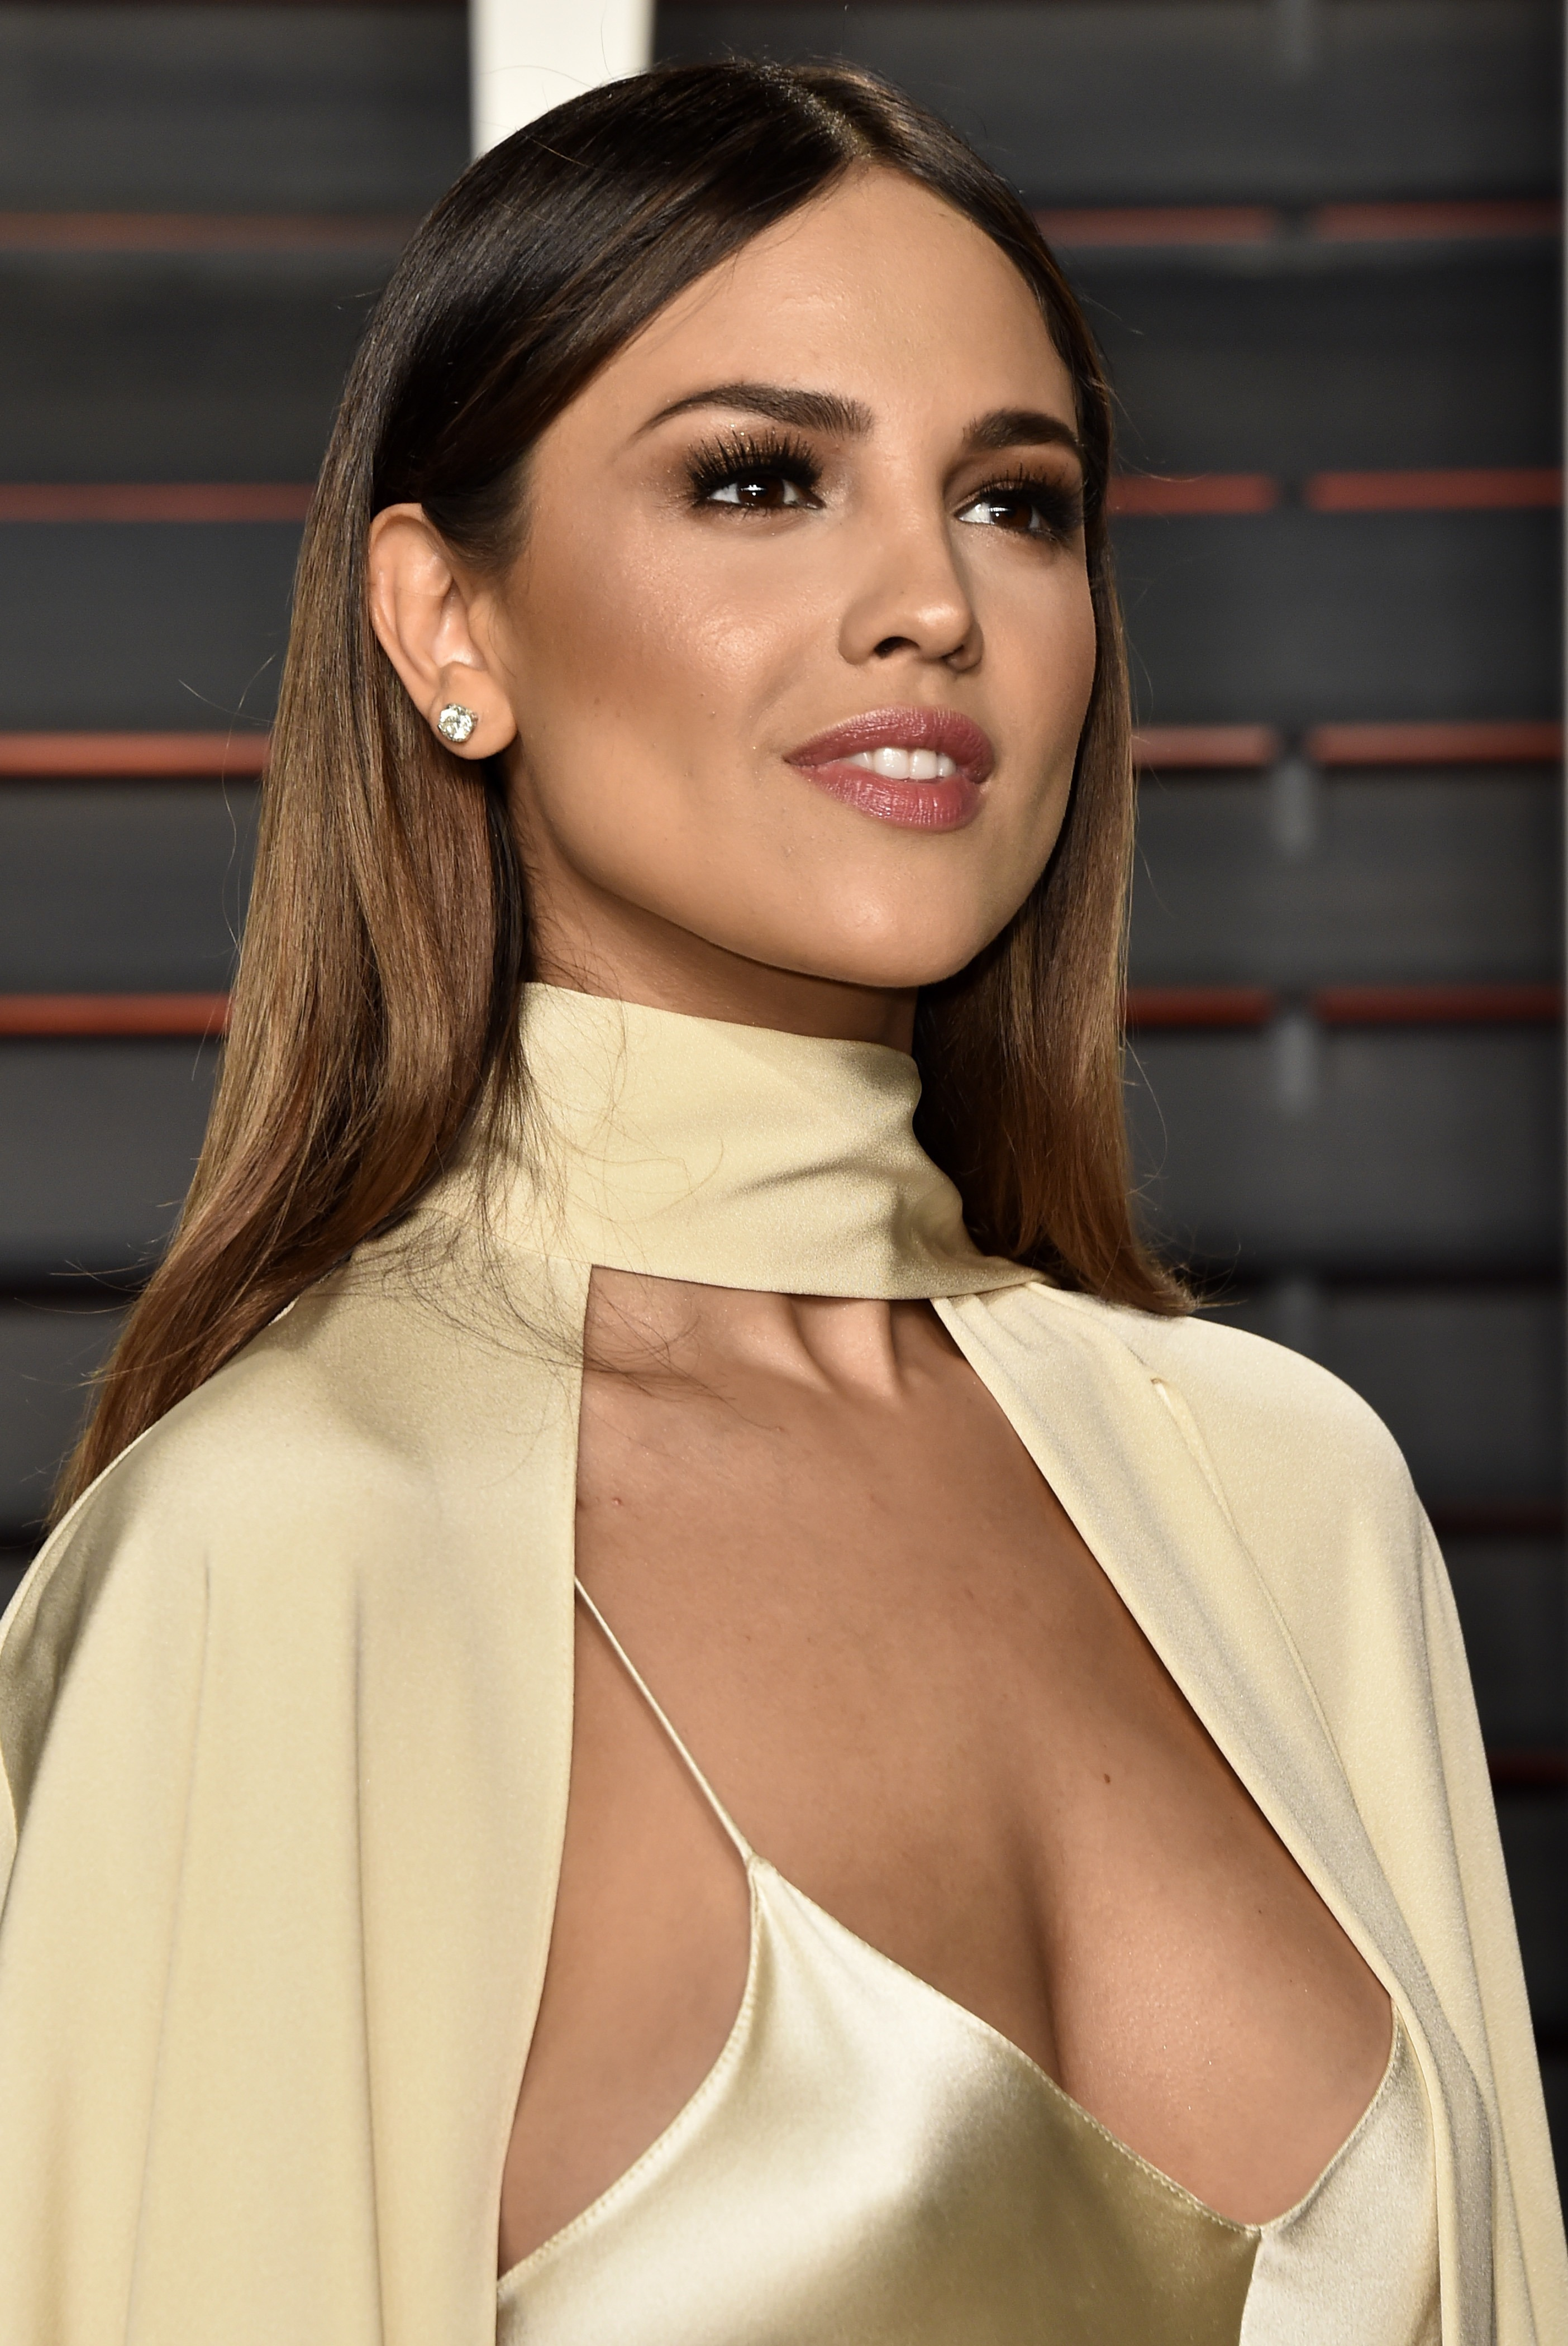 Eiza González - Wikipedia